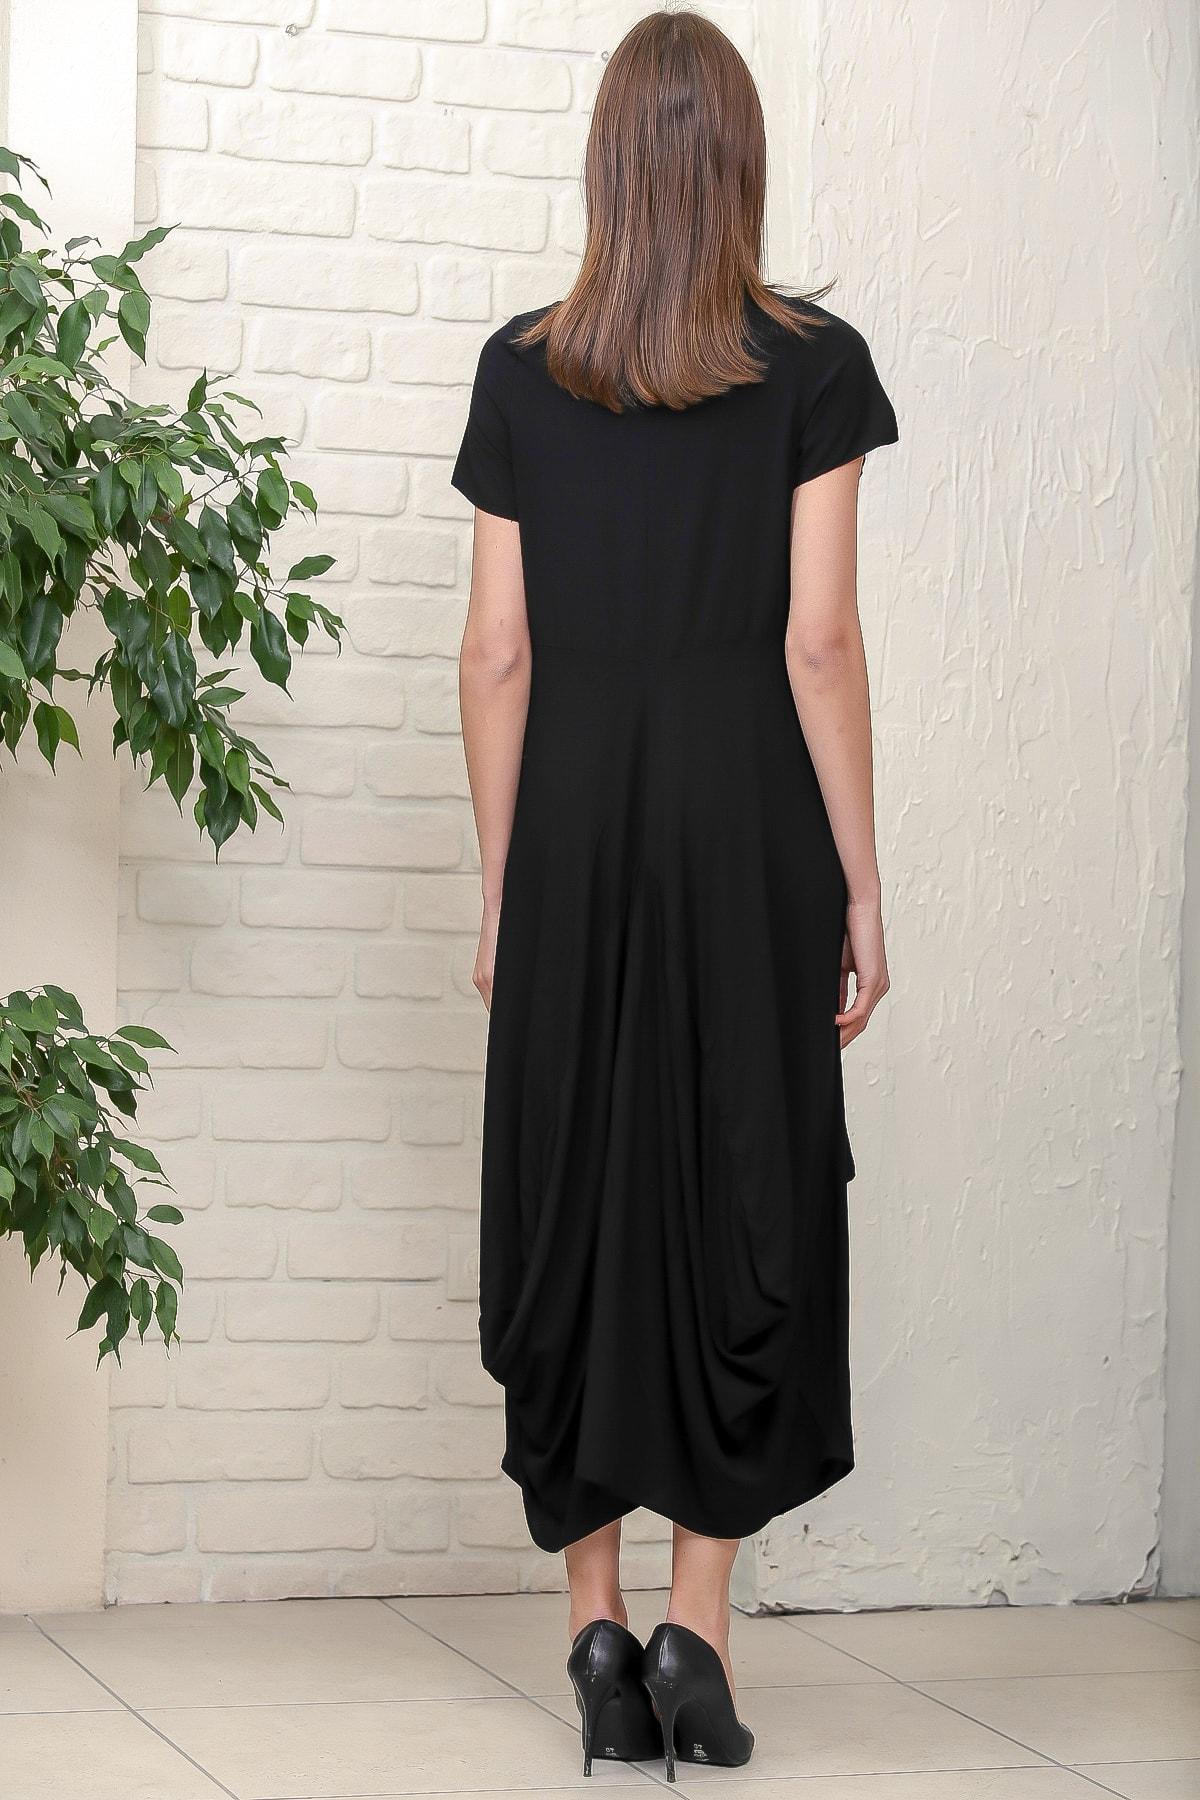 Chiccy Kadın Siyah Bohem Ayak Nakışlı Yarım Kollu Cepli Asimetrik Salaş Dokuma Elbise M10160000EL95884 4